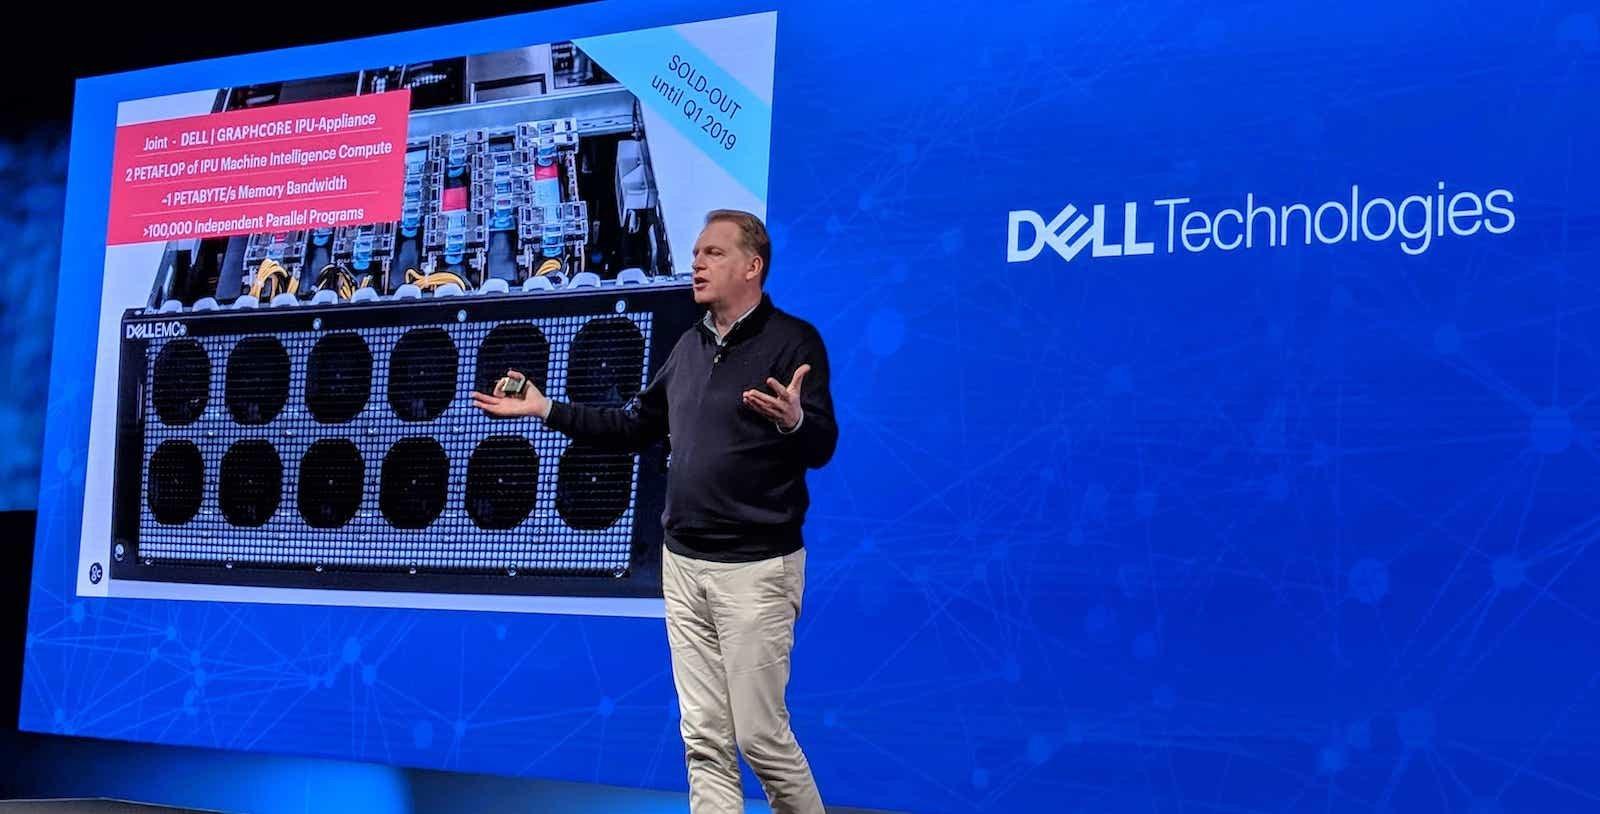 Dell Technologies backs Graphcore